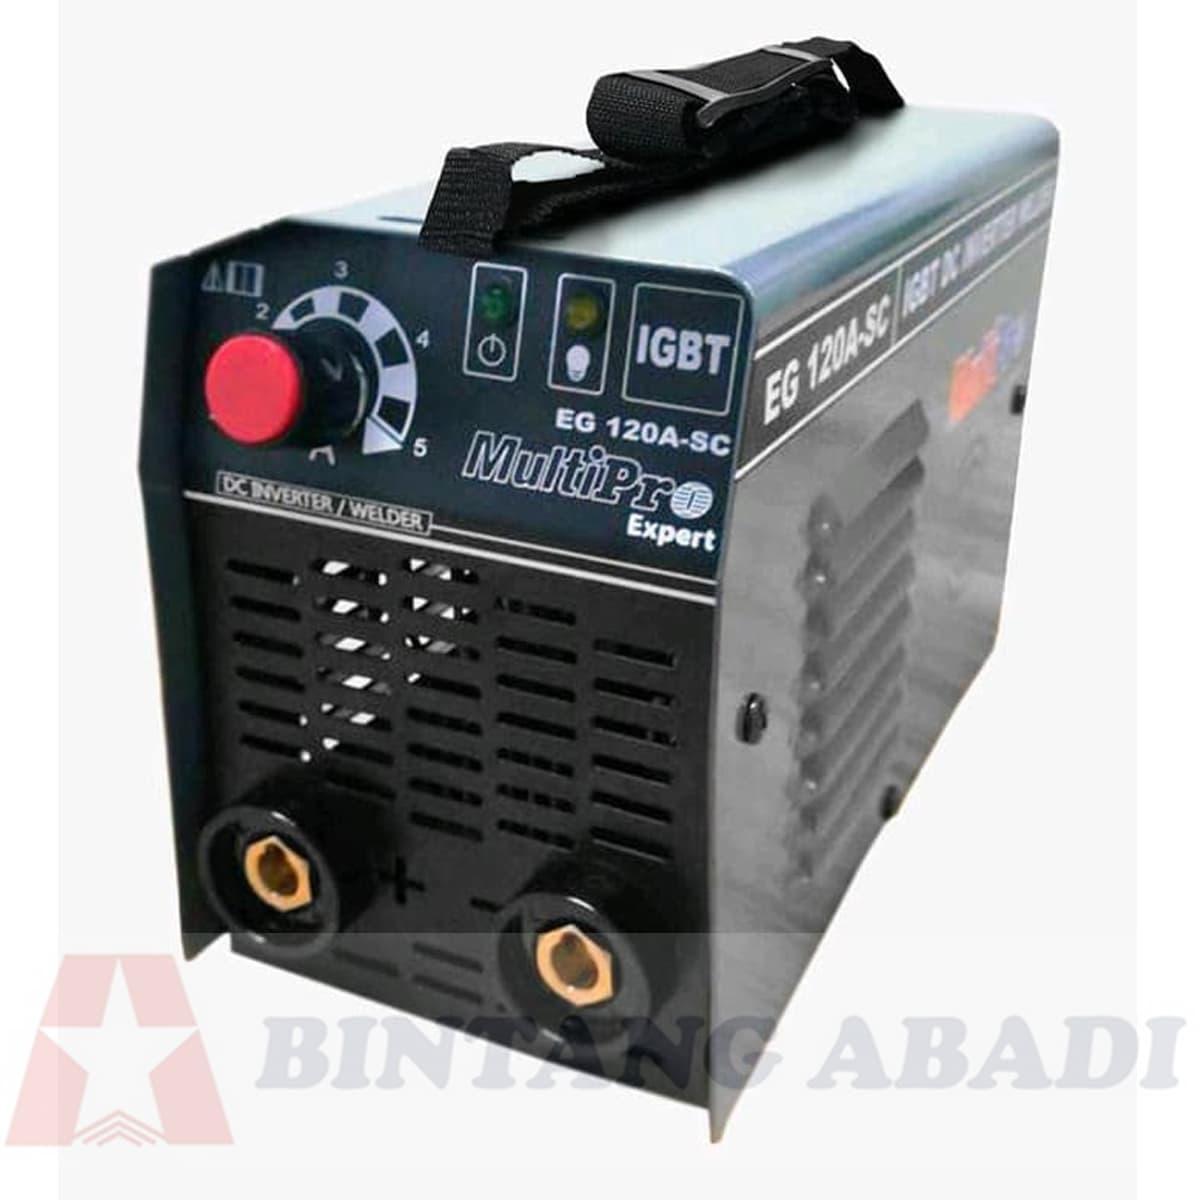 Termurah MultiPro IGBT Welding Inverter 120 Ampere 450 Watt (40 A) - EG120 A-SC Harga Grosir